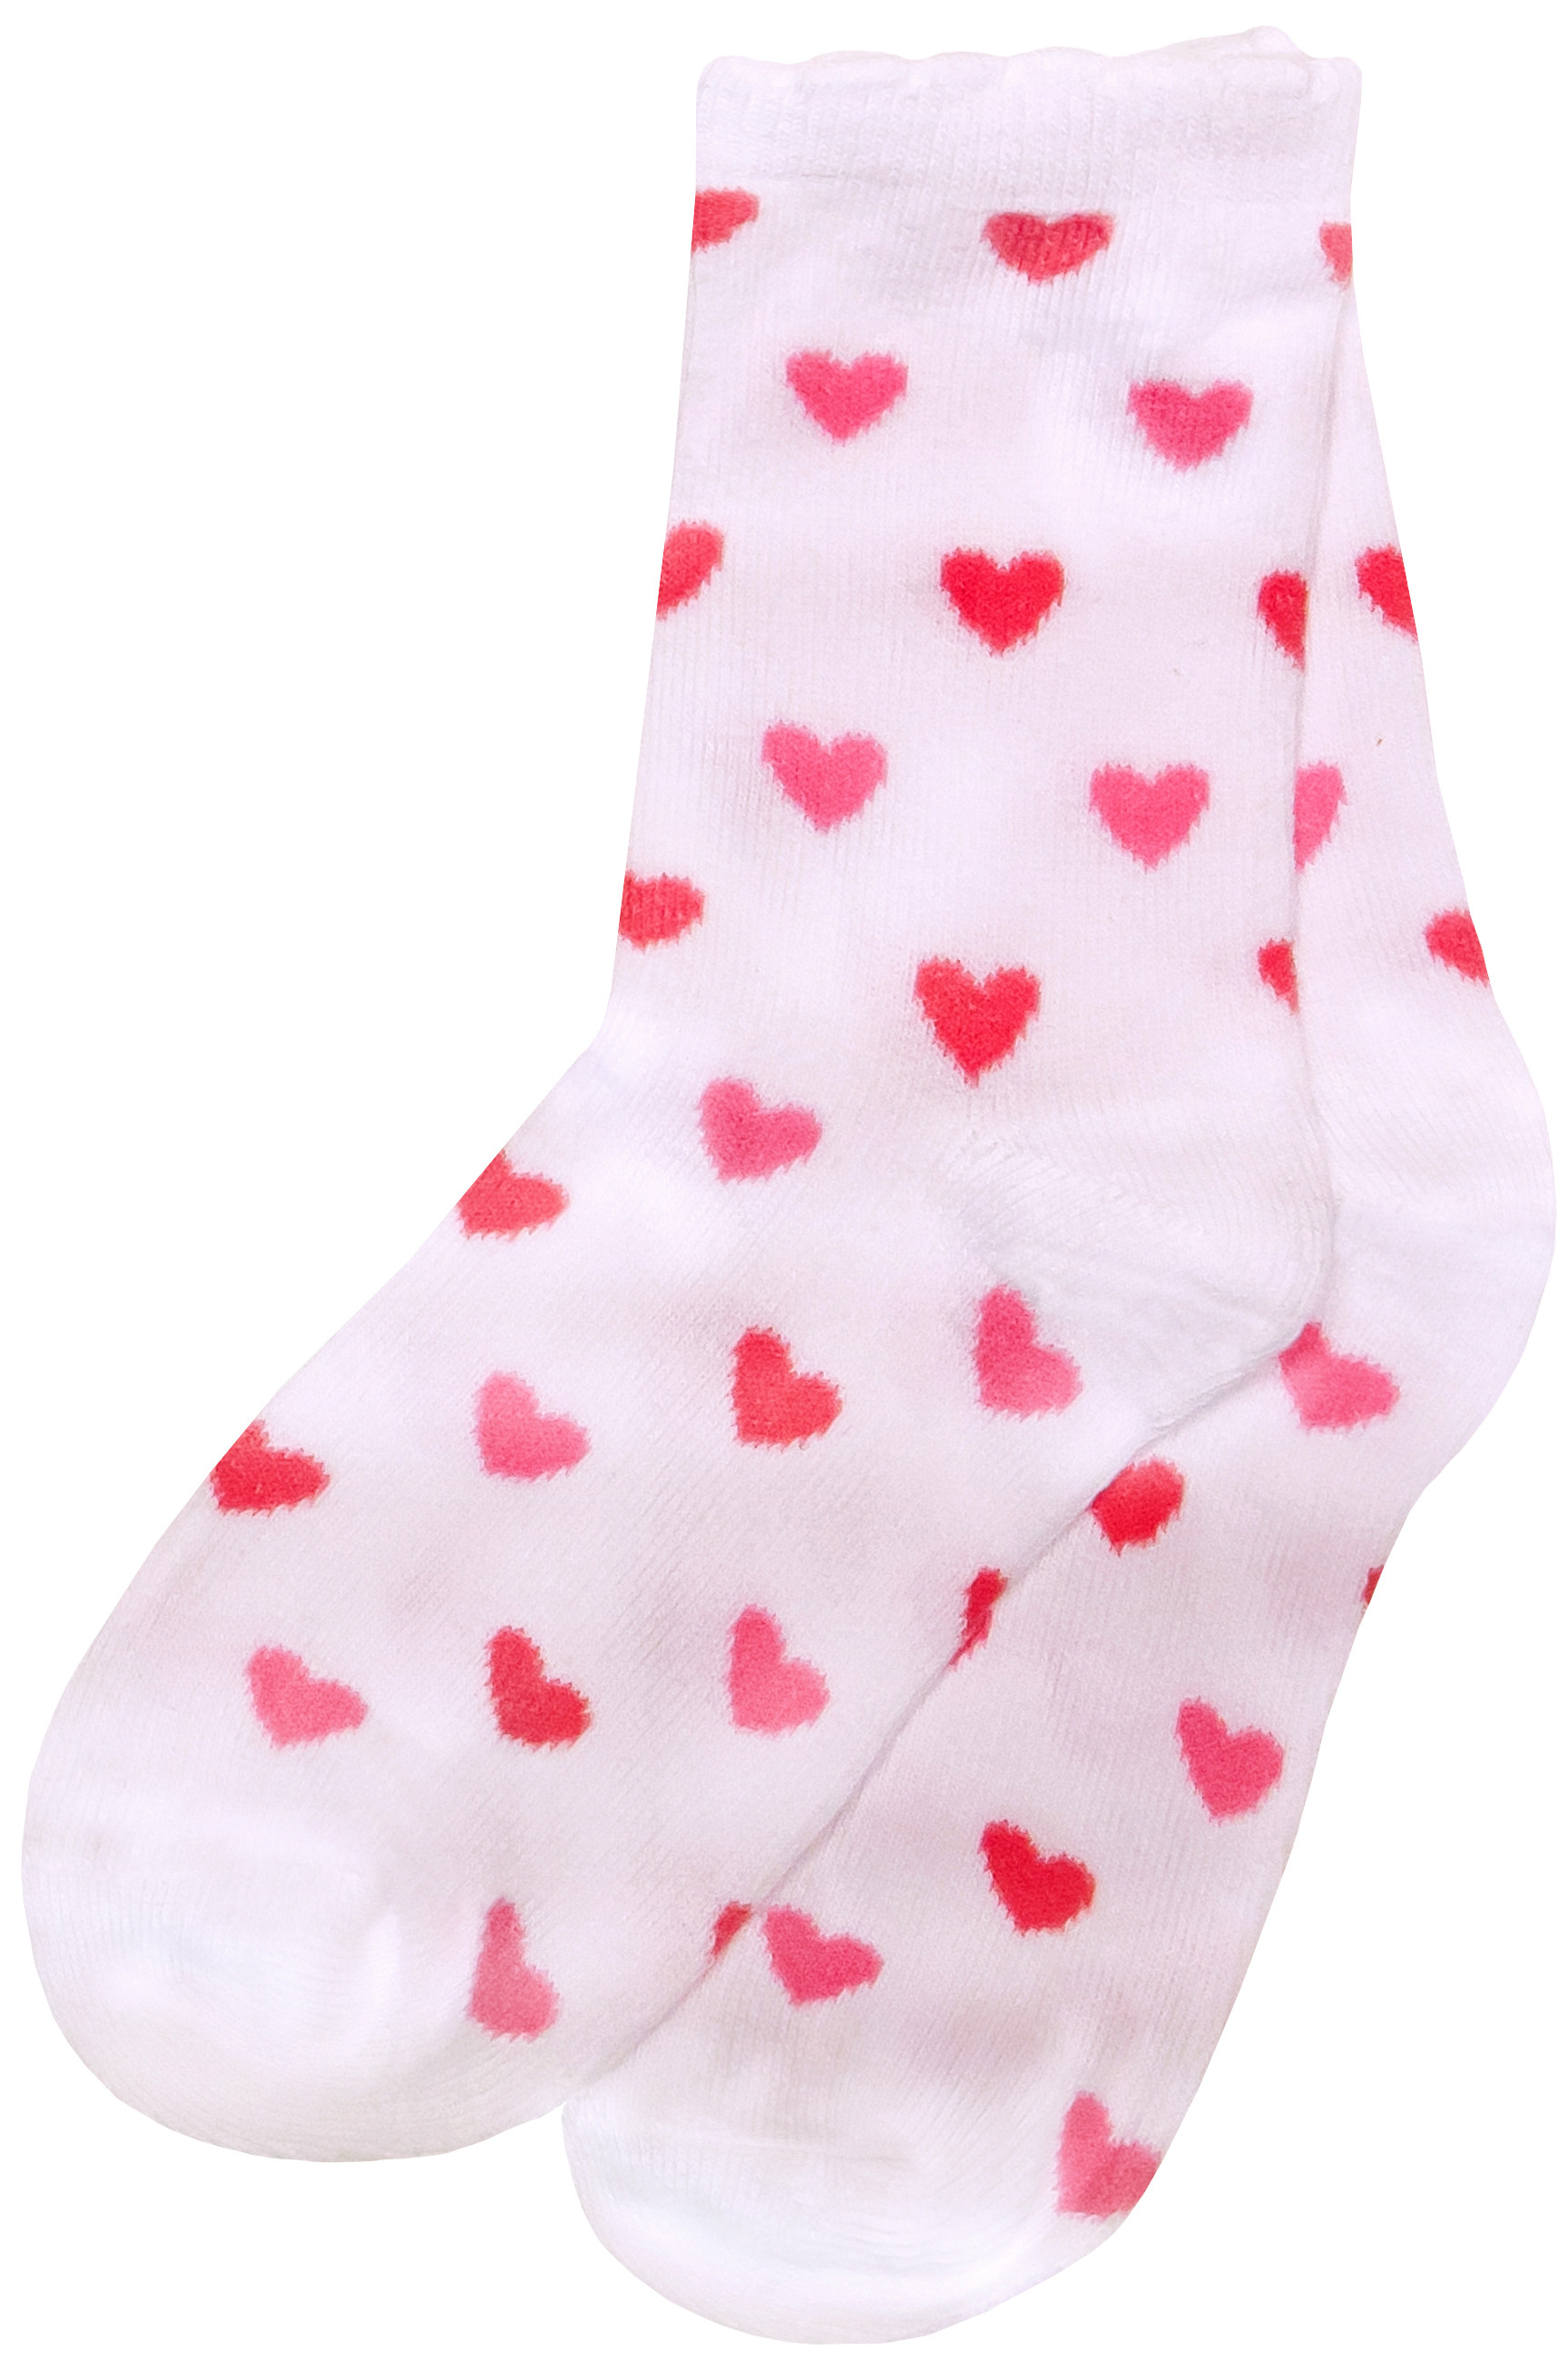 Носки Barkito Носки для девочки Barkito, 3 пары, белые, белые с рисунком в полоску, белые с рисунком носки махровые для мальчика barkito белые с рисунком